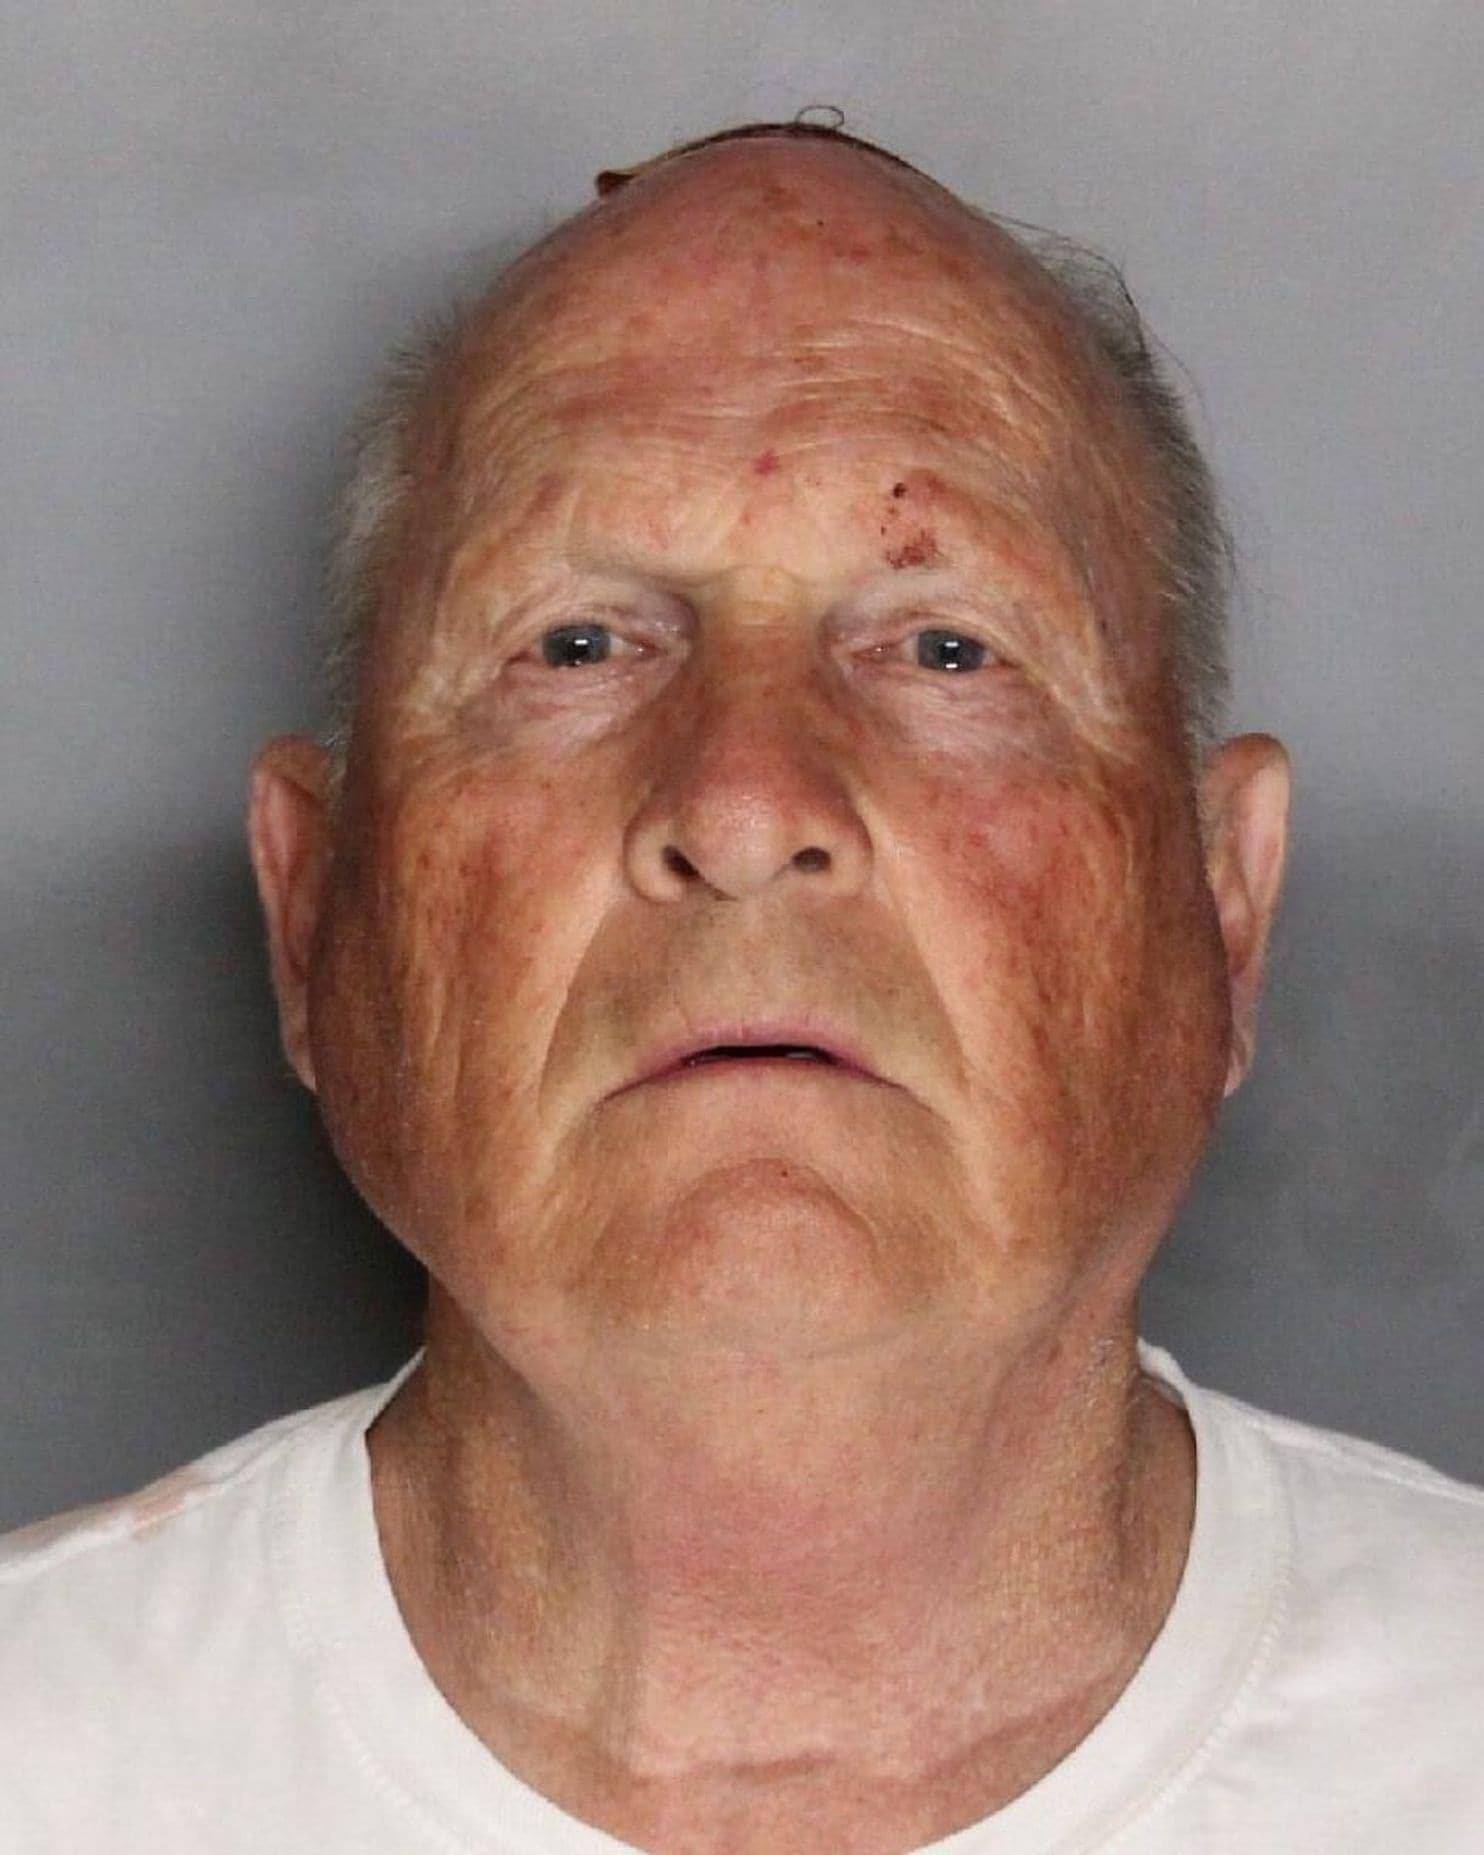 Πρώην αστυνομικός ο δολοφόνος του «Golden State» που τρομοκράτησε τις ΗΠΑ. Συνελήφθη μετά από 40 χρόνια, 50 βιασμούς και 12